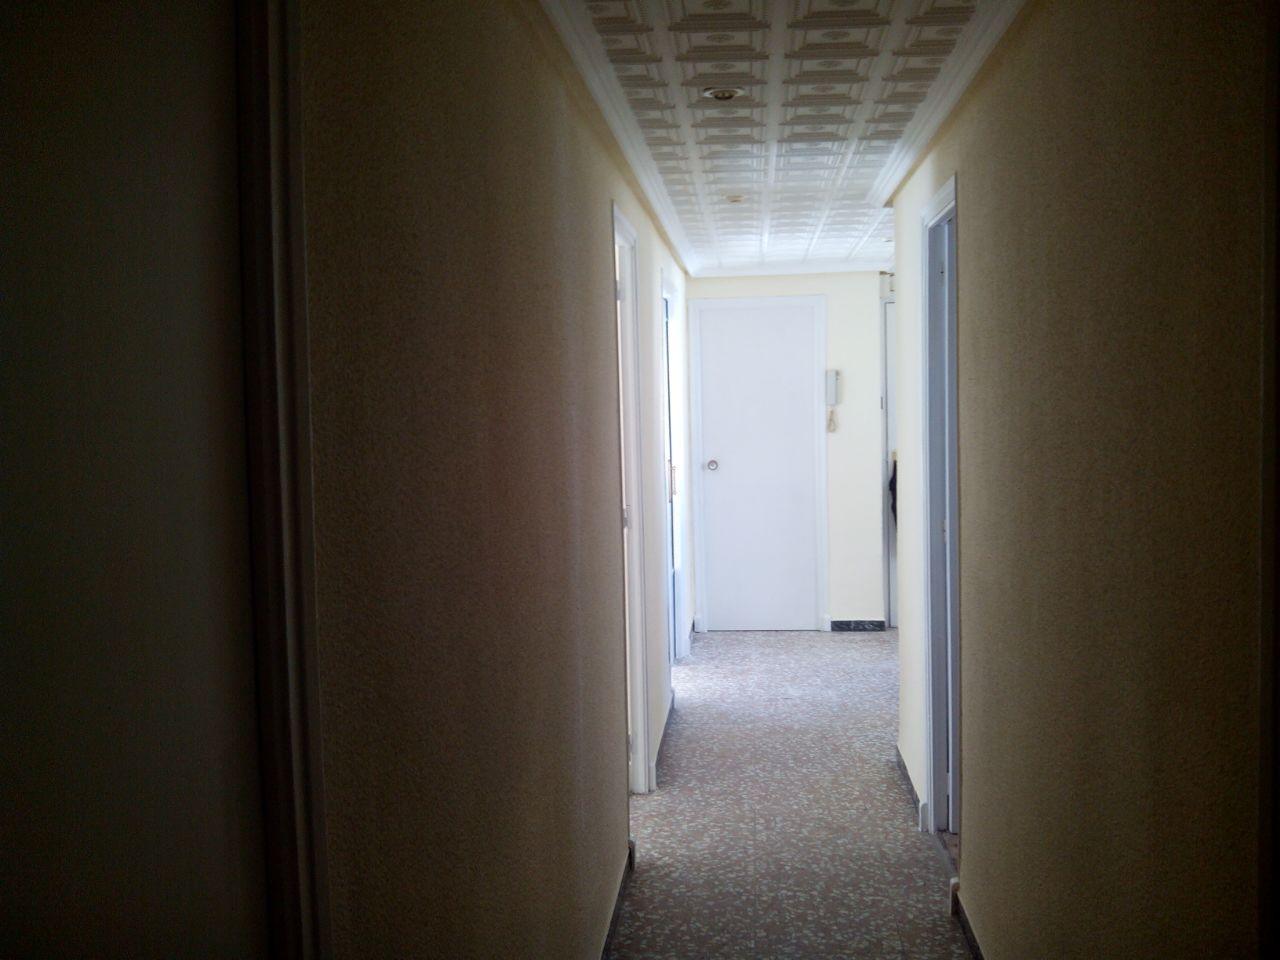 Piso en venta en Carrus, Elche/elx, Alicante, Calle Ausias March, 42.000 €, 3 habitaciones, 1 baño, 115 m2